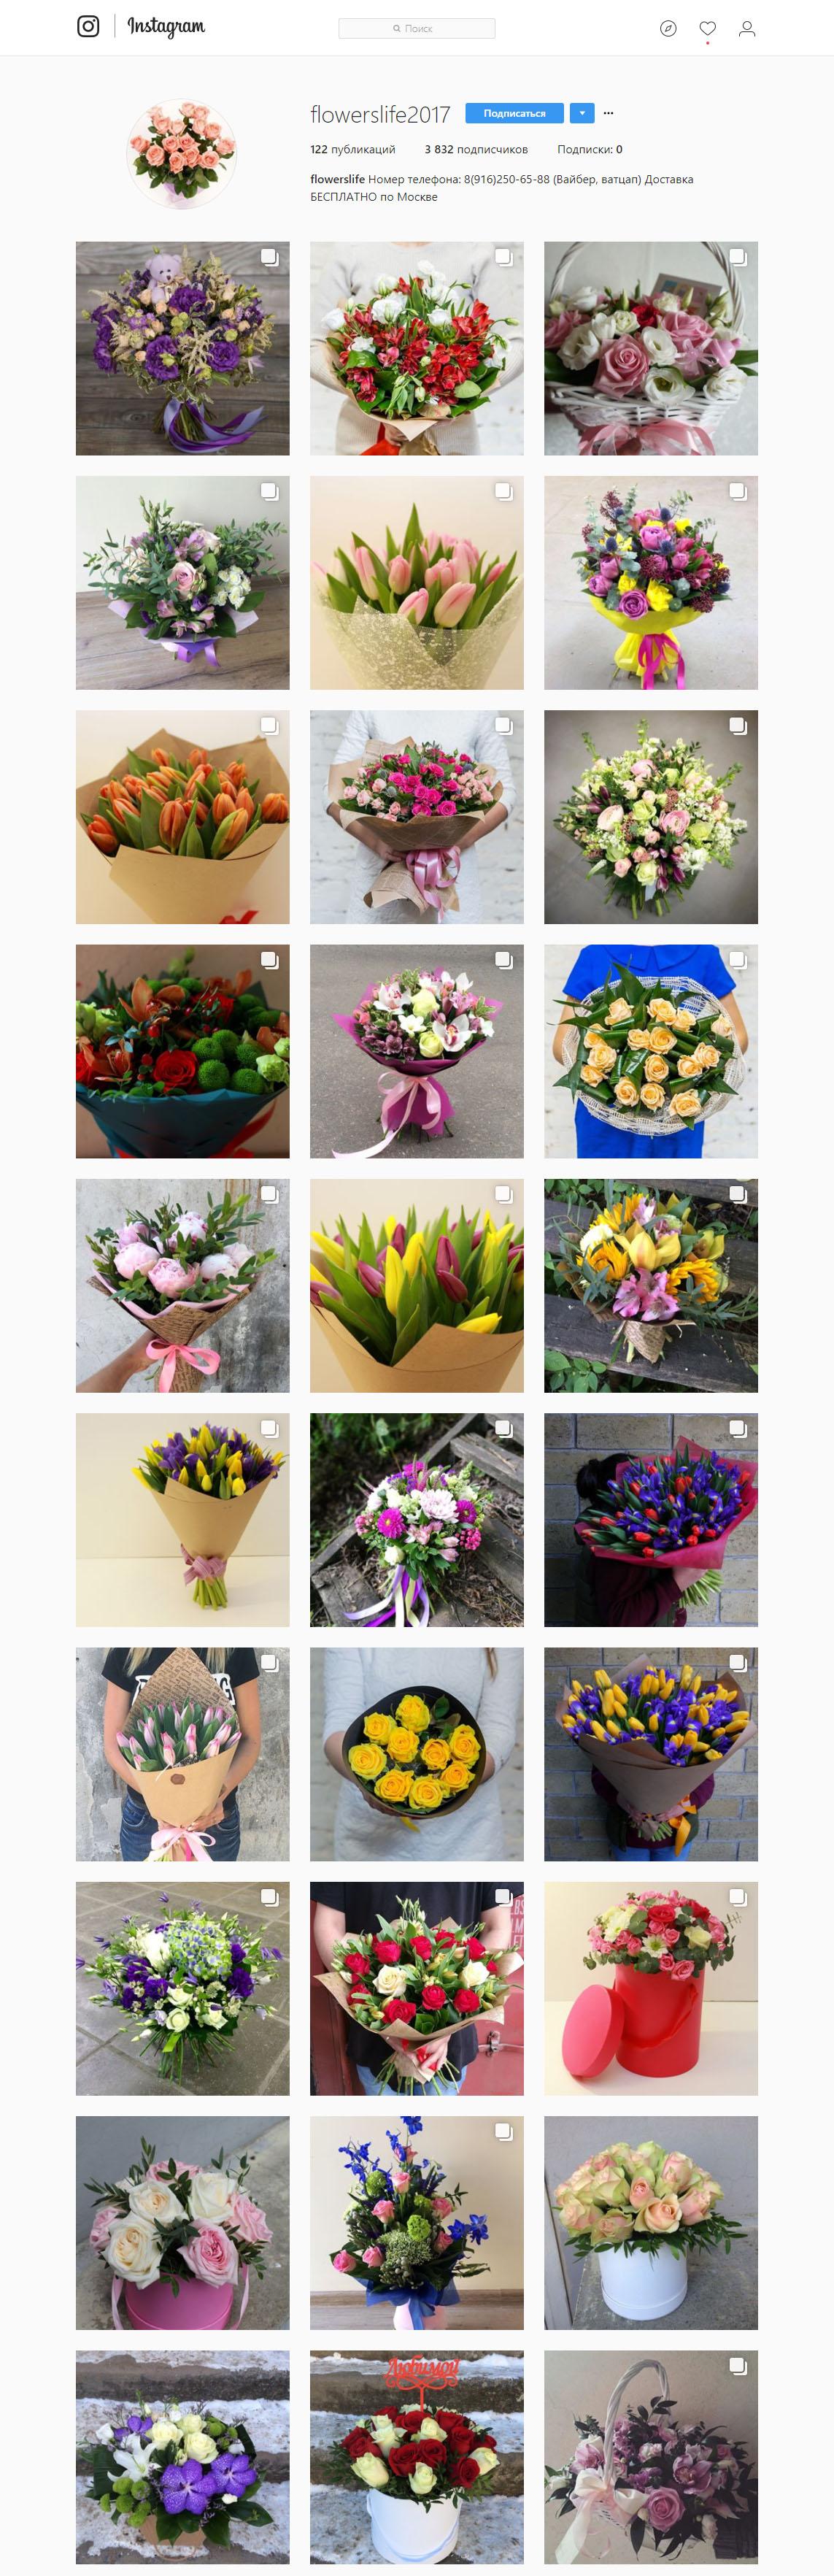 Продвижение инстаграм доставки цветов